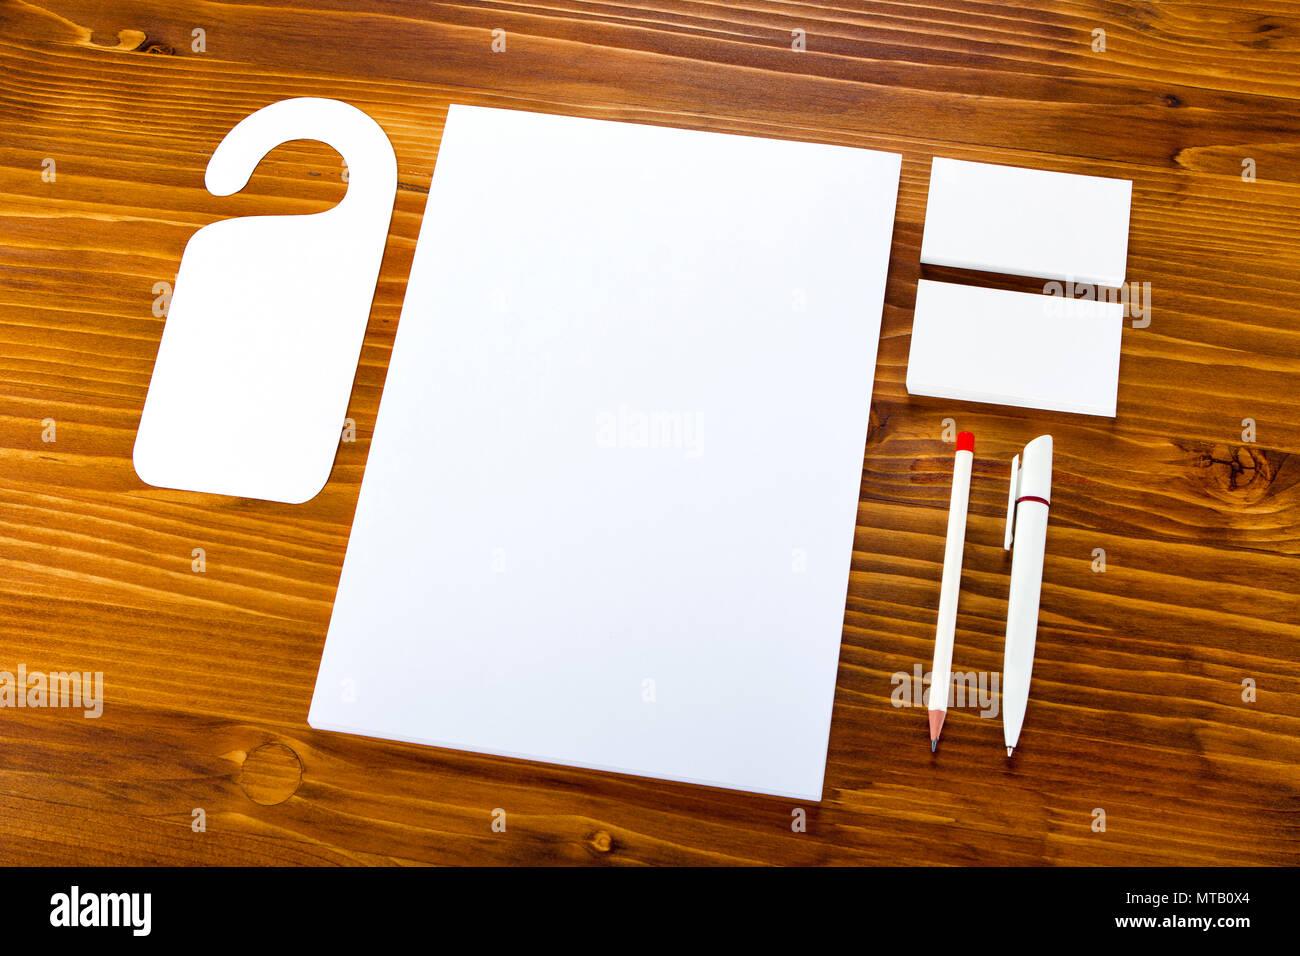 Papeterie En Blanc Sur Fond De Bois Se Composent Cartes Visite A4 Des Tetes Pen And Pencil